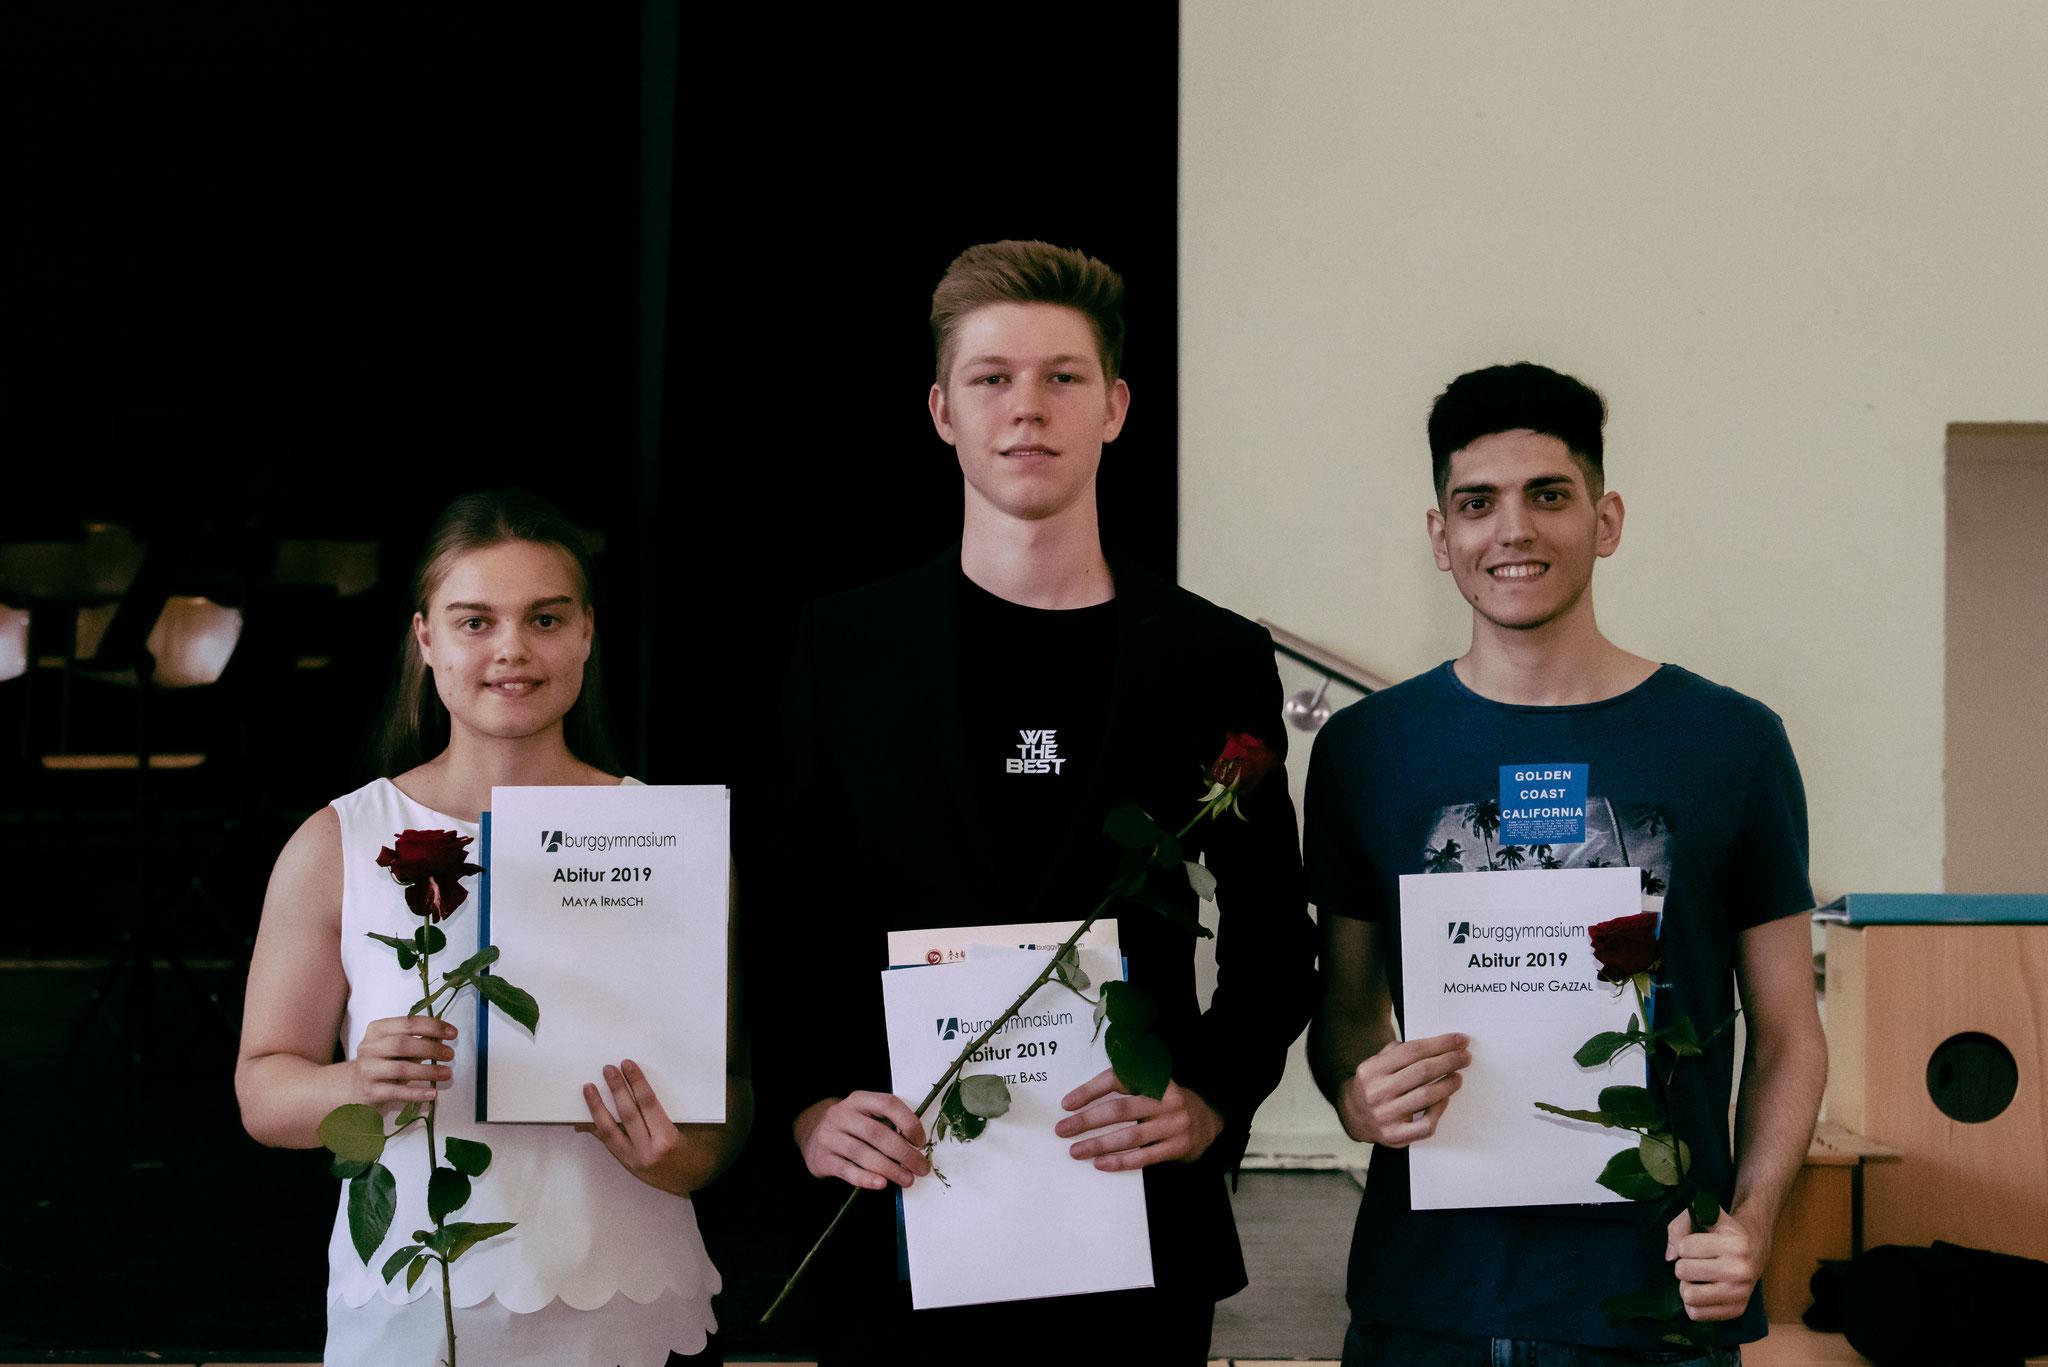 Abitur 2019 – v. l.: Maya Irmsch LK, Moritz Bass, Nour Gazzal beide GK